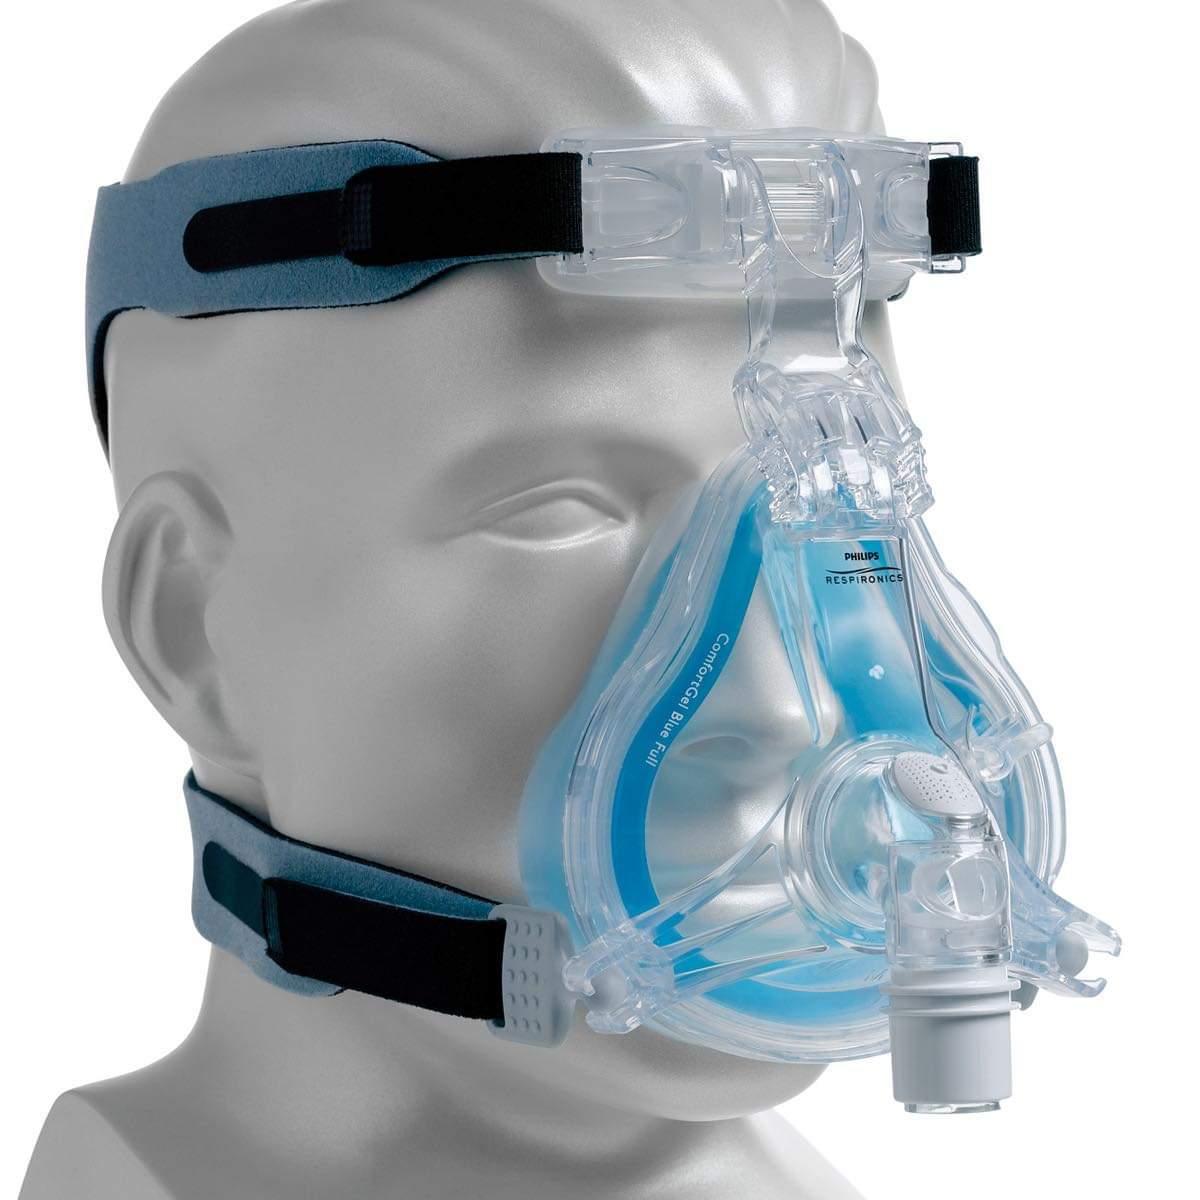 جزء من مستلزمات التنفس الصناعي المتبرع بها